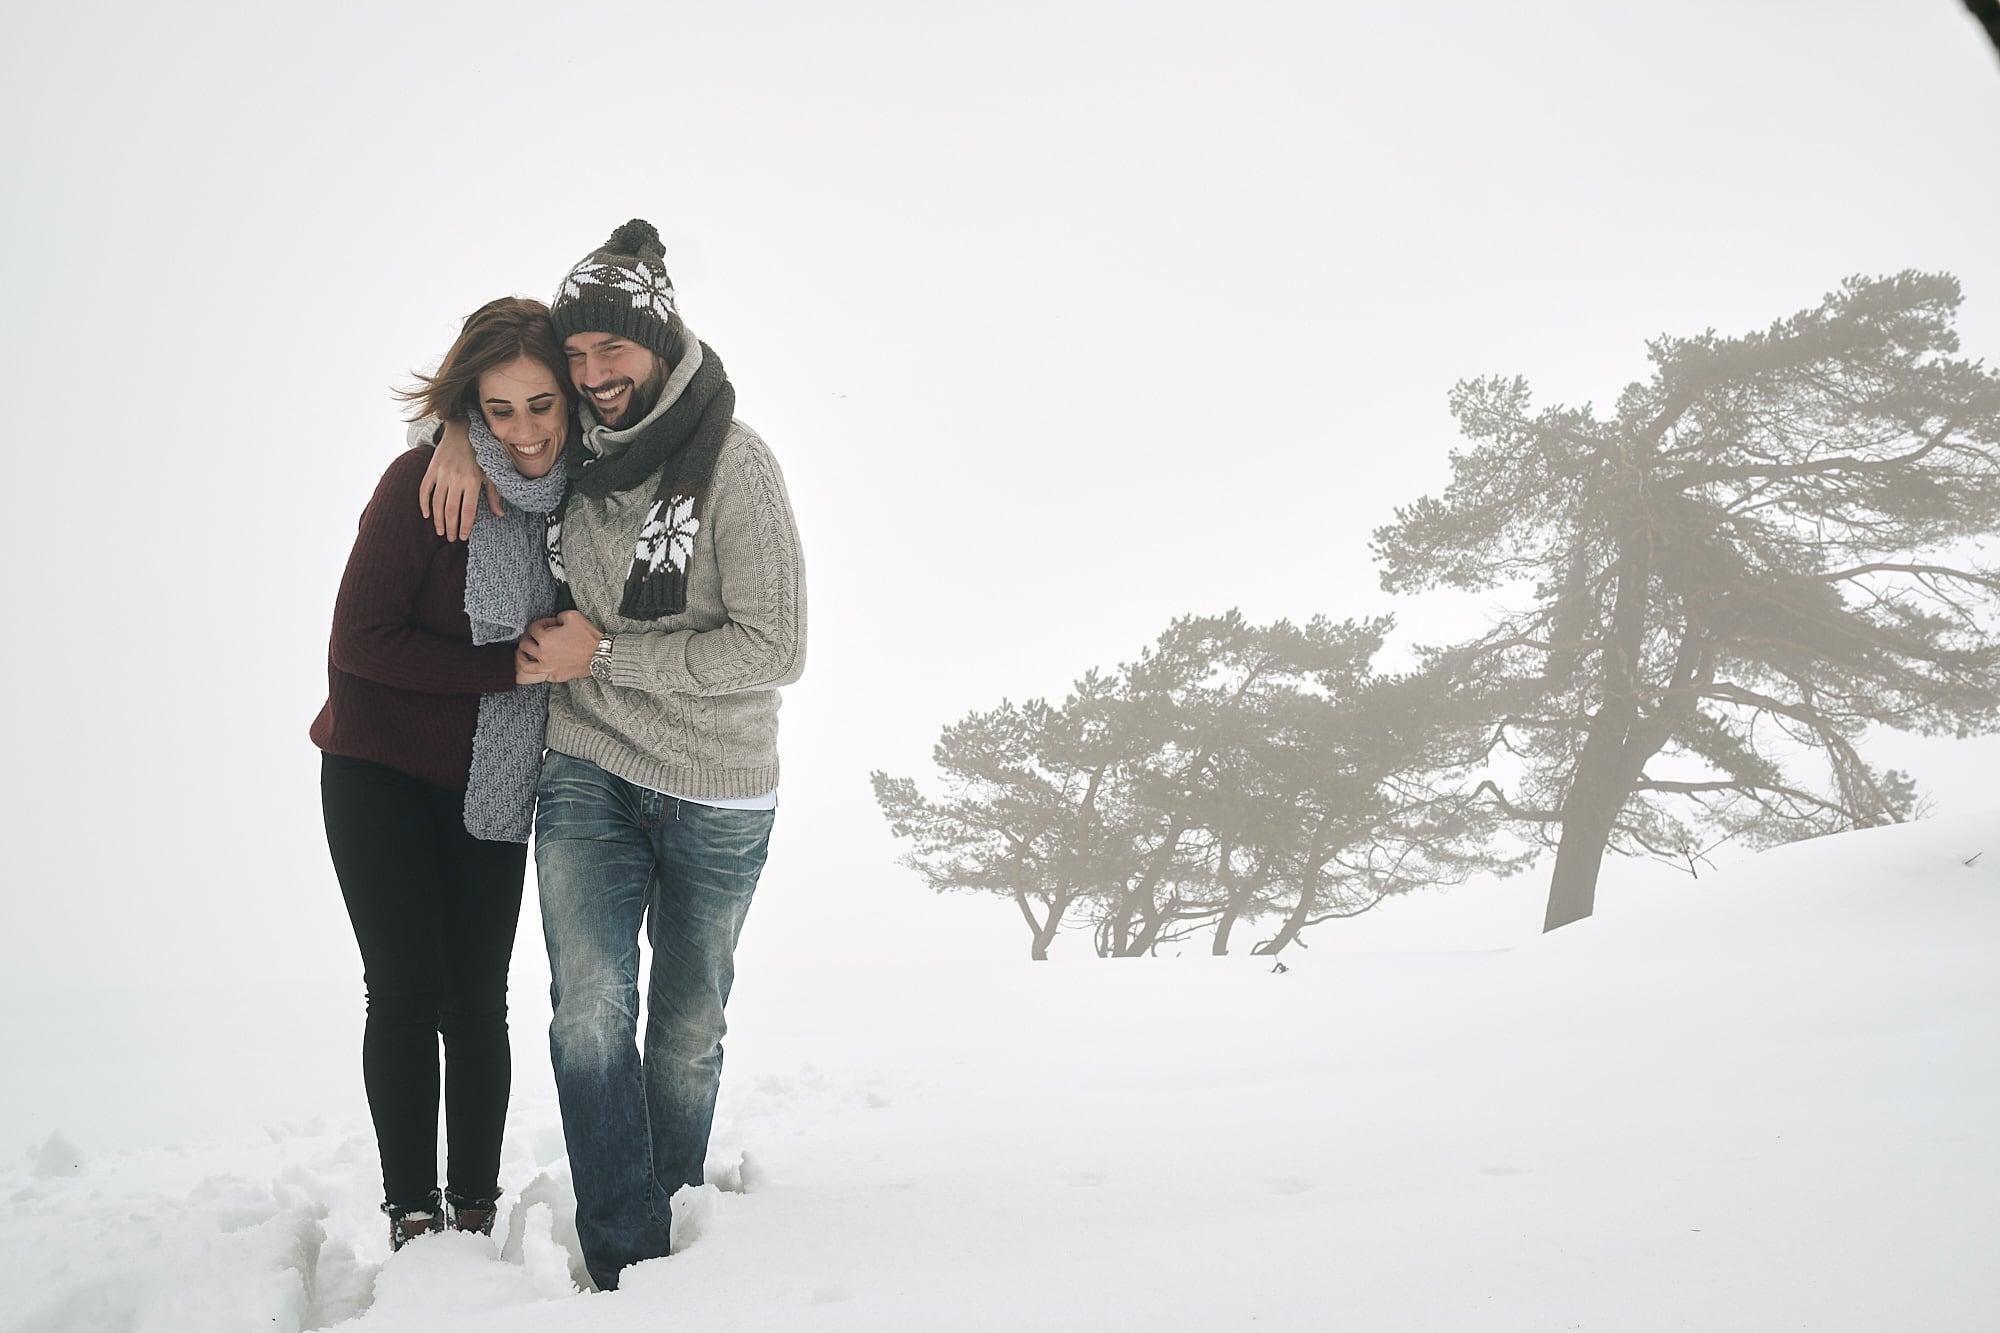 Pre boda en la nieve